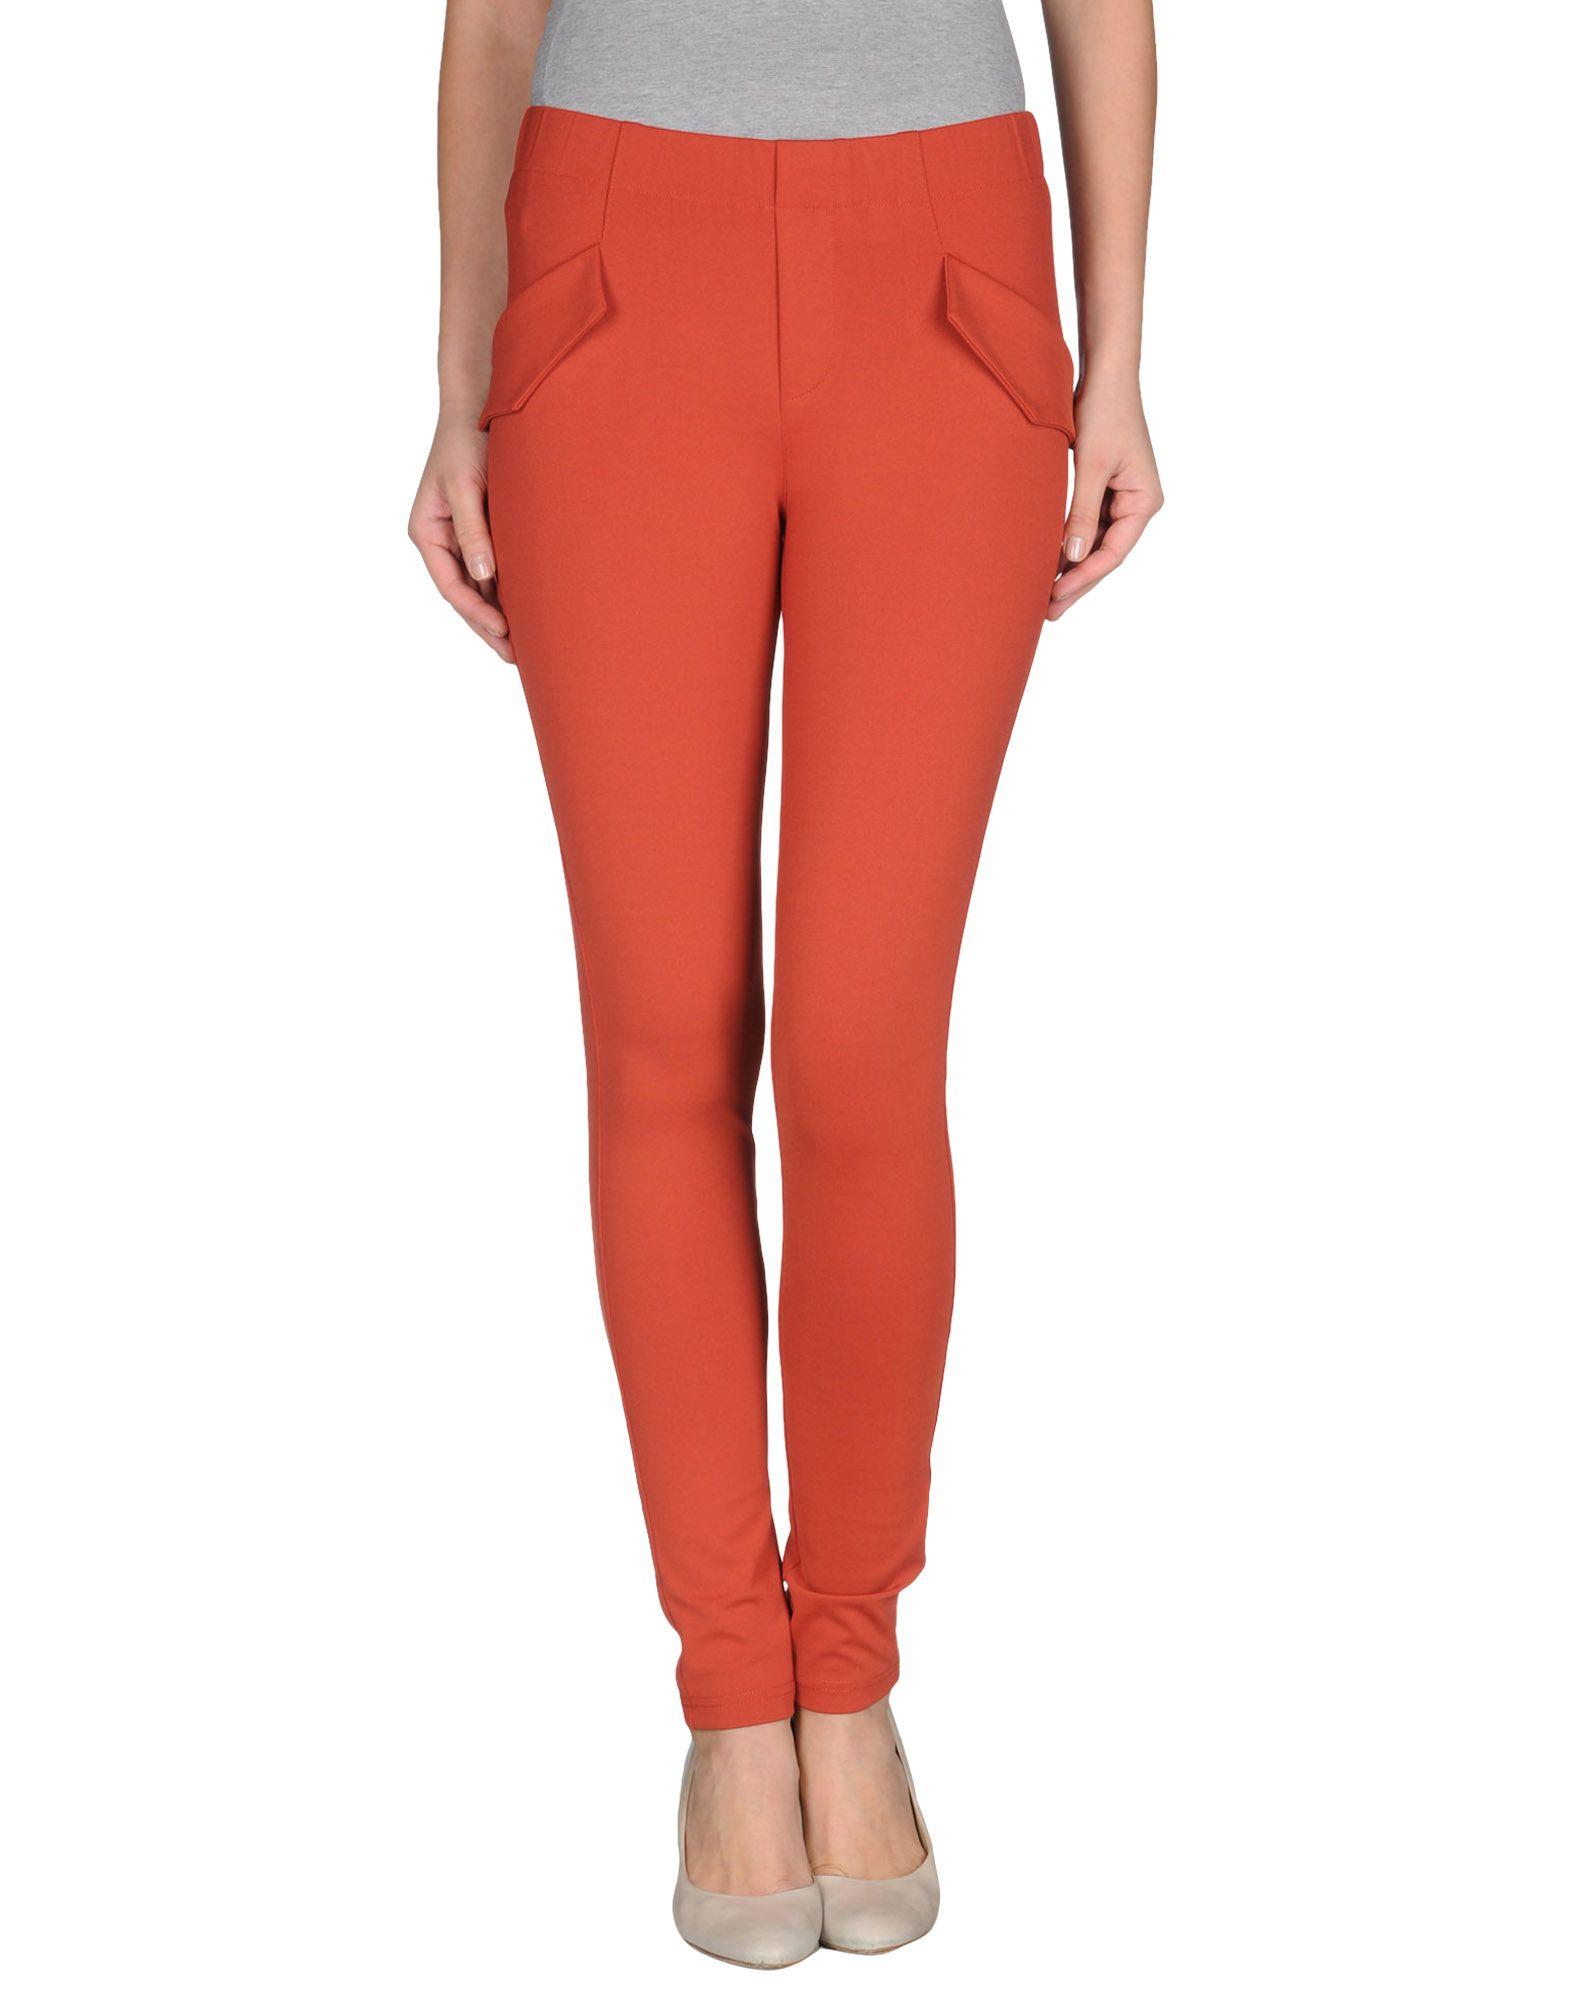 Foto kling pantalones Mujer Ladrillo